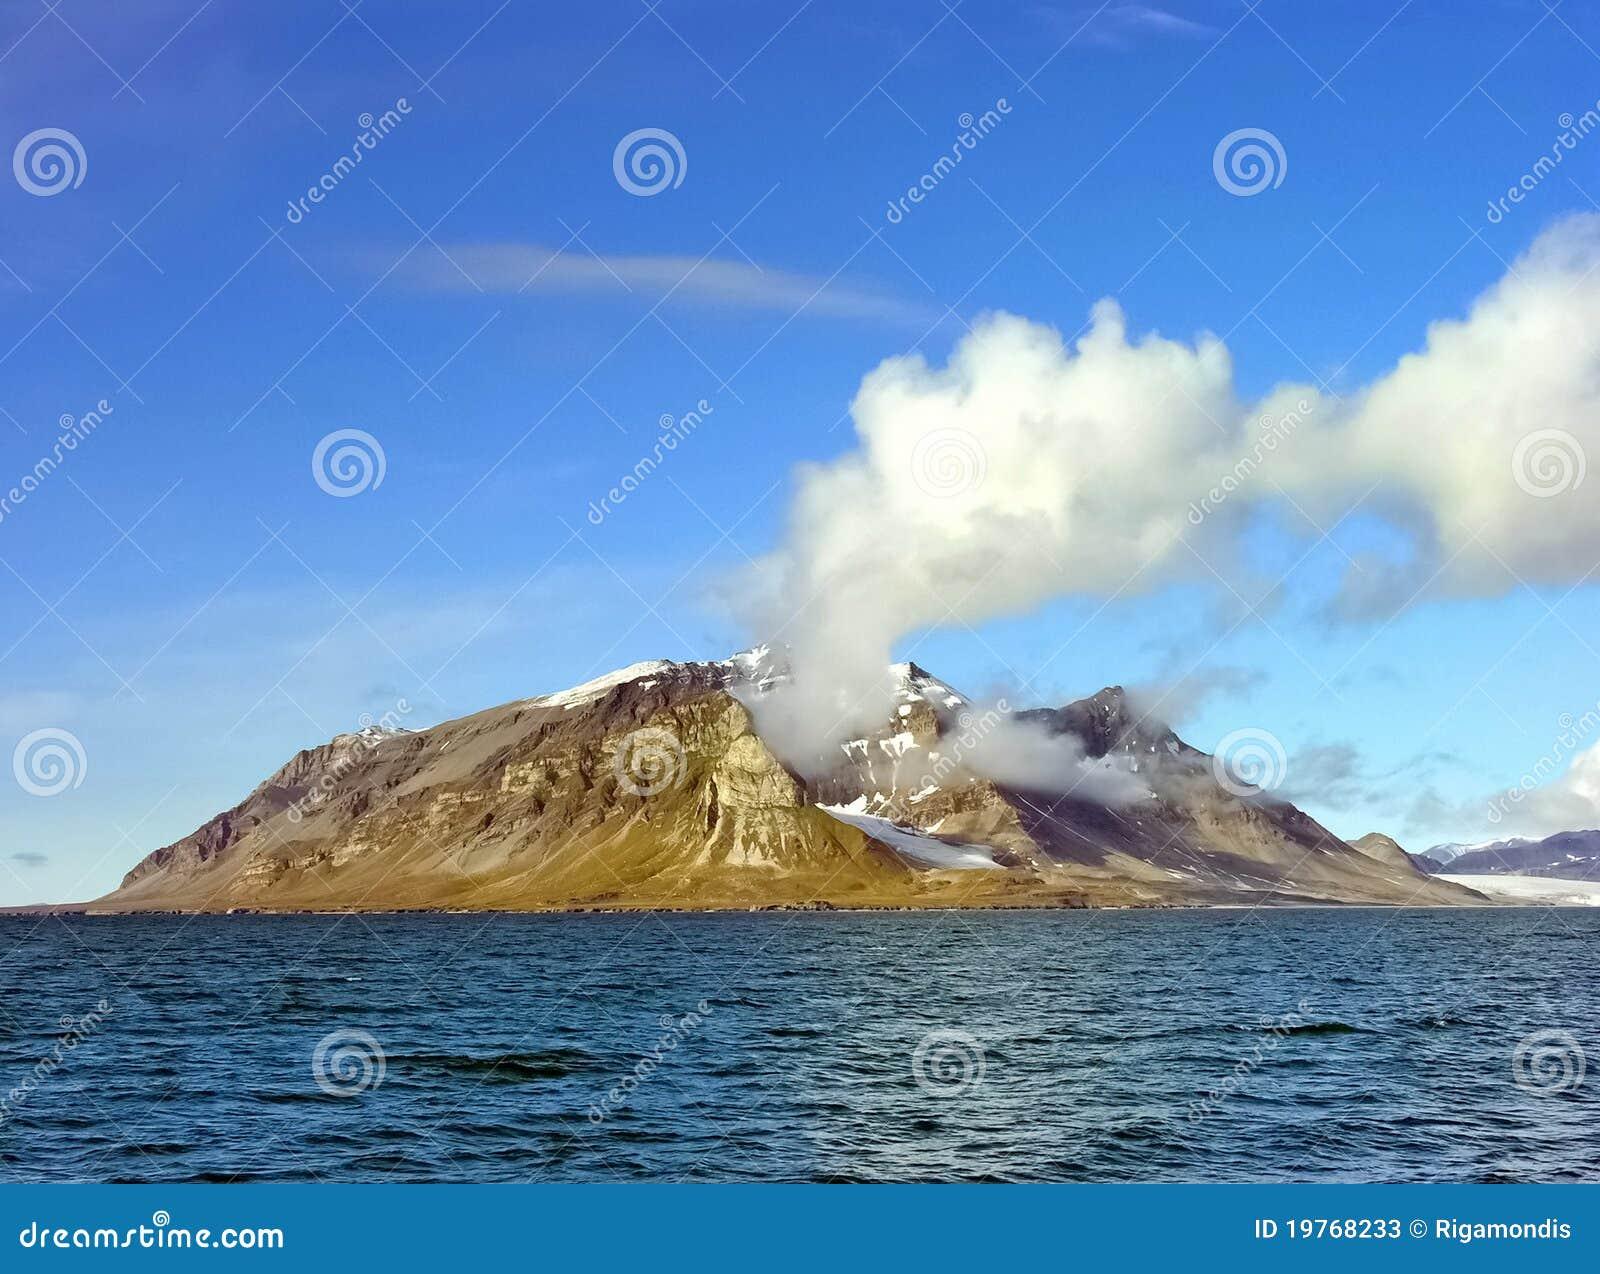 海岛北欧挪威海运斯瓦尔巴特群岛.图片